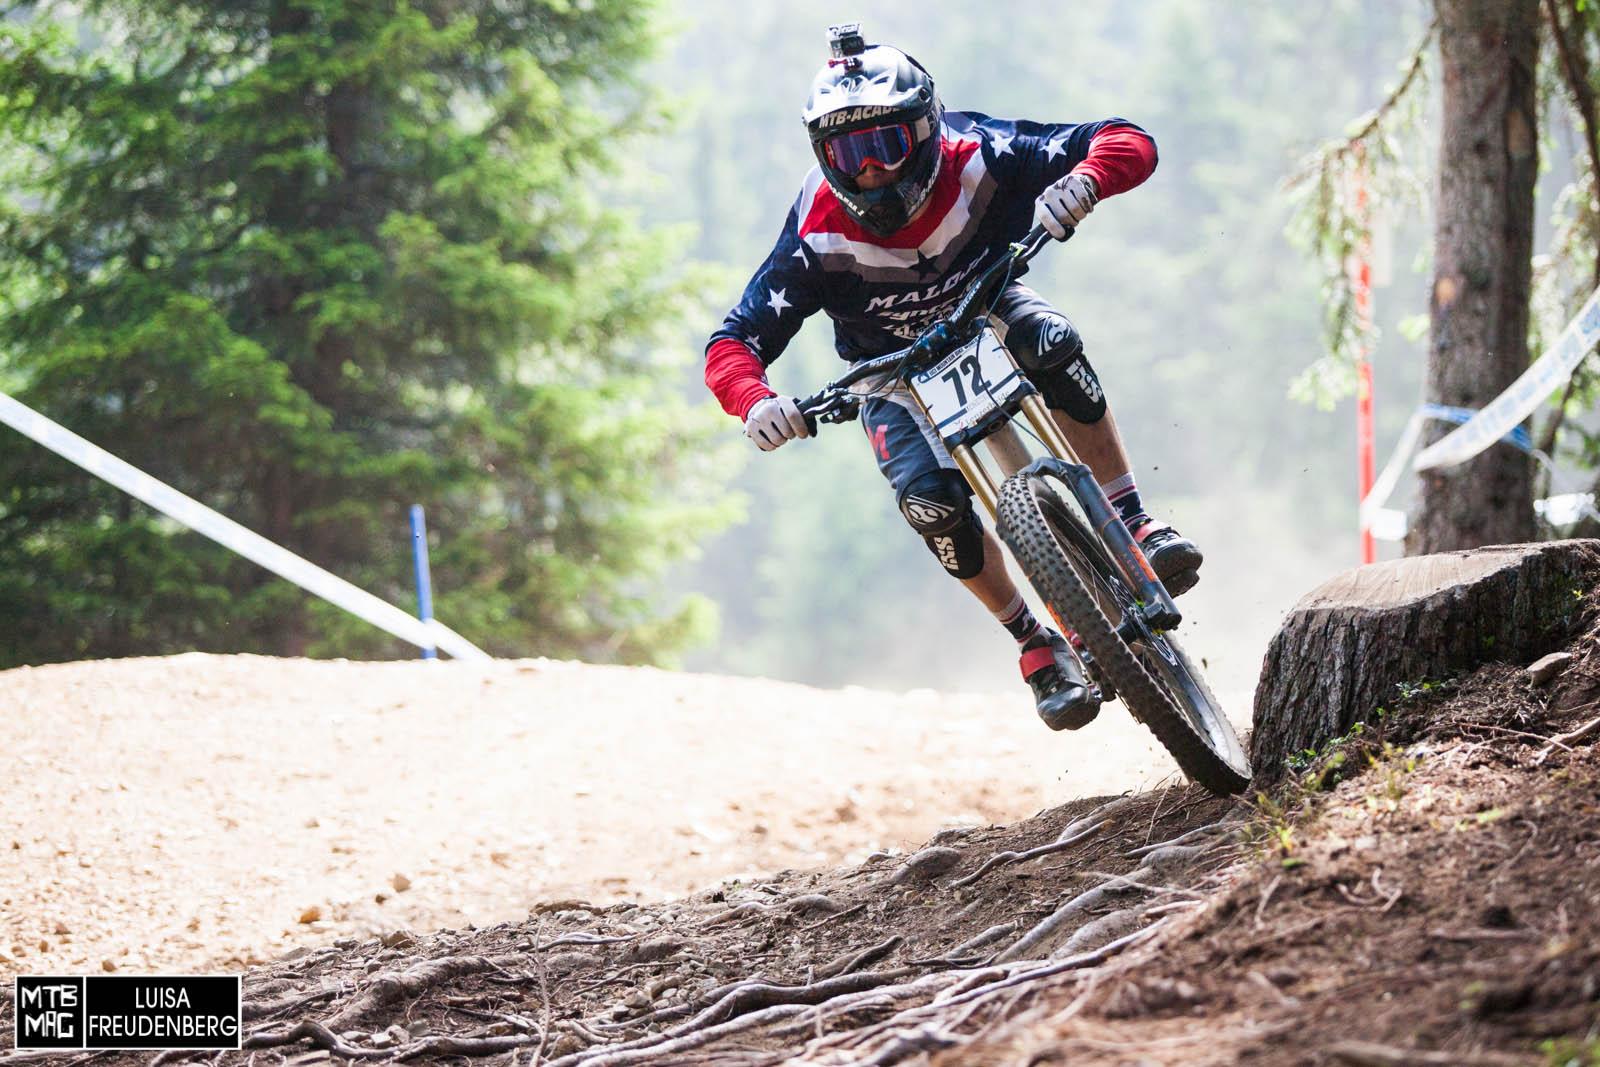 Jasper Jauch qualifizierte sich nach einem Sturz im oberen Teil der Strecke leider nicht.